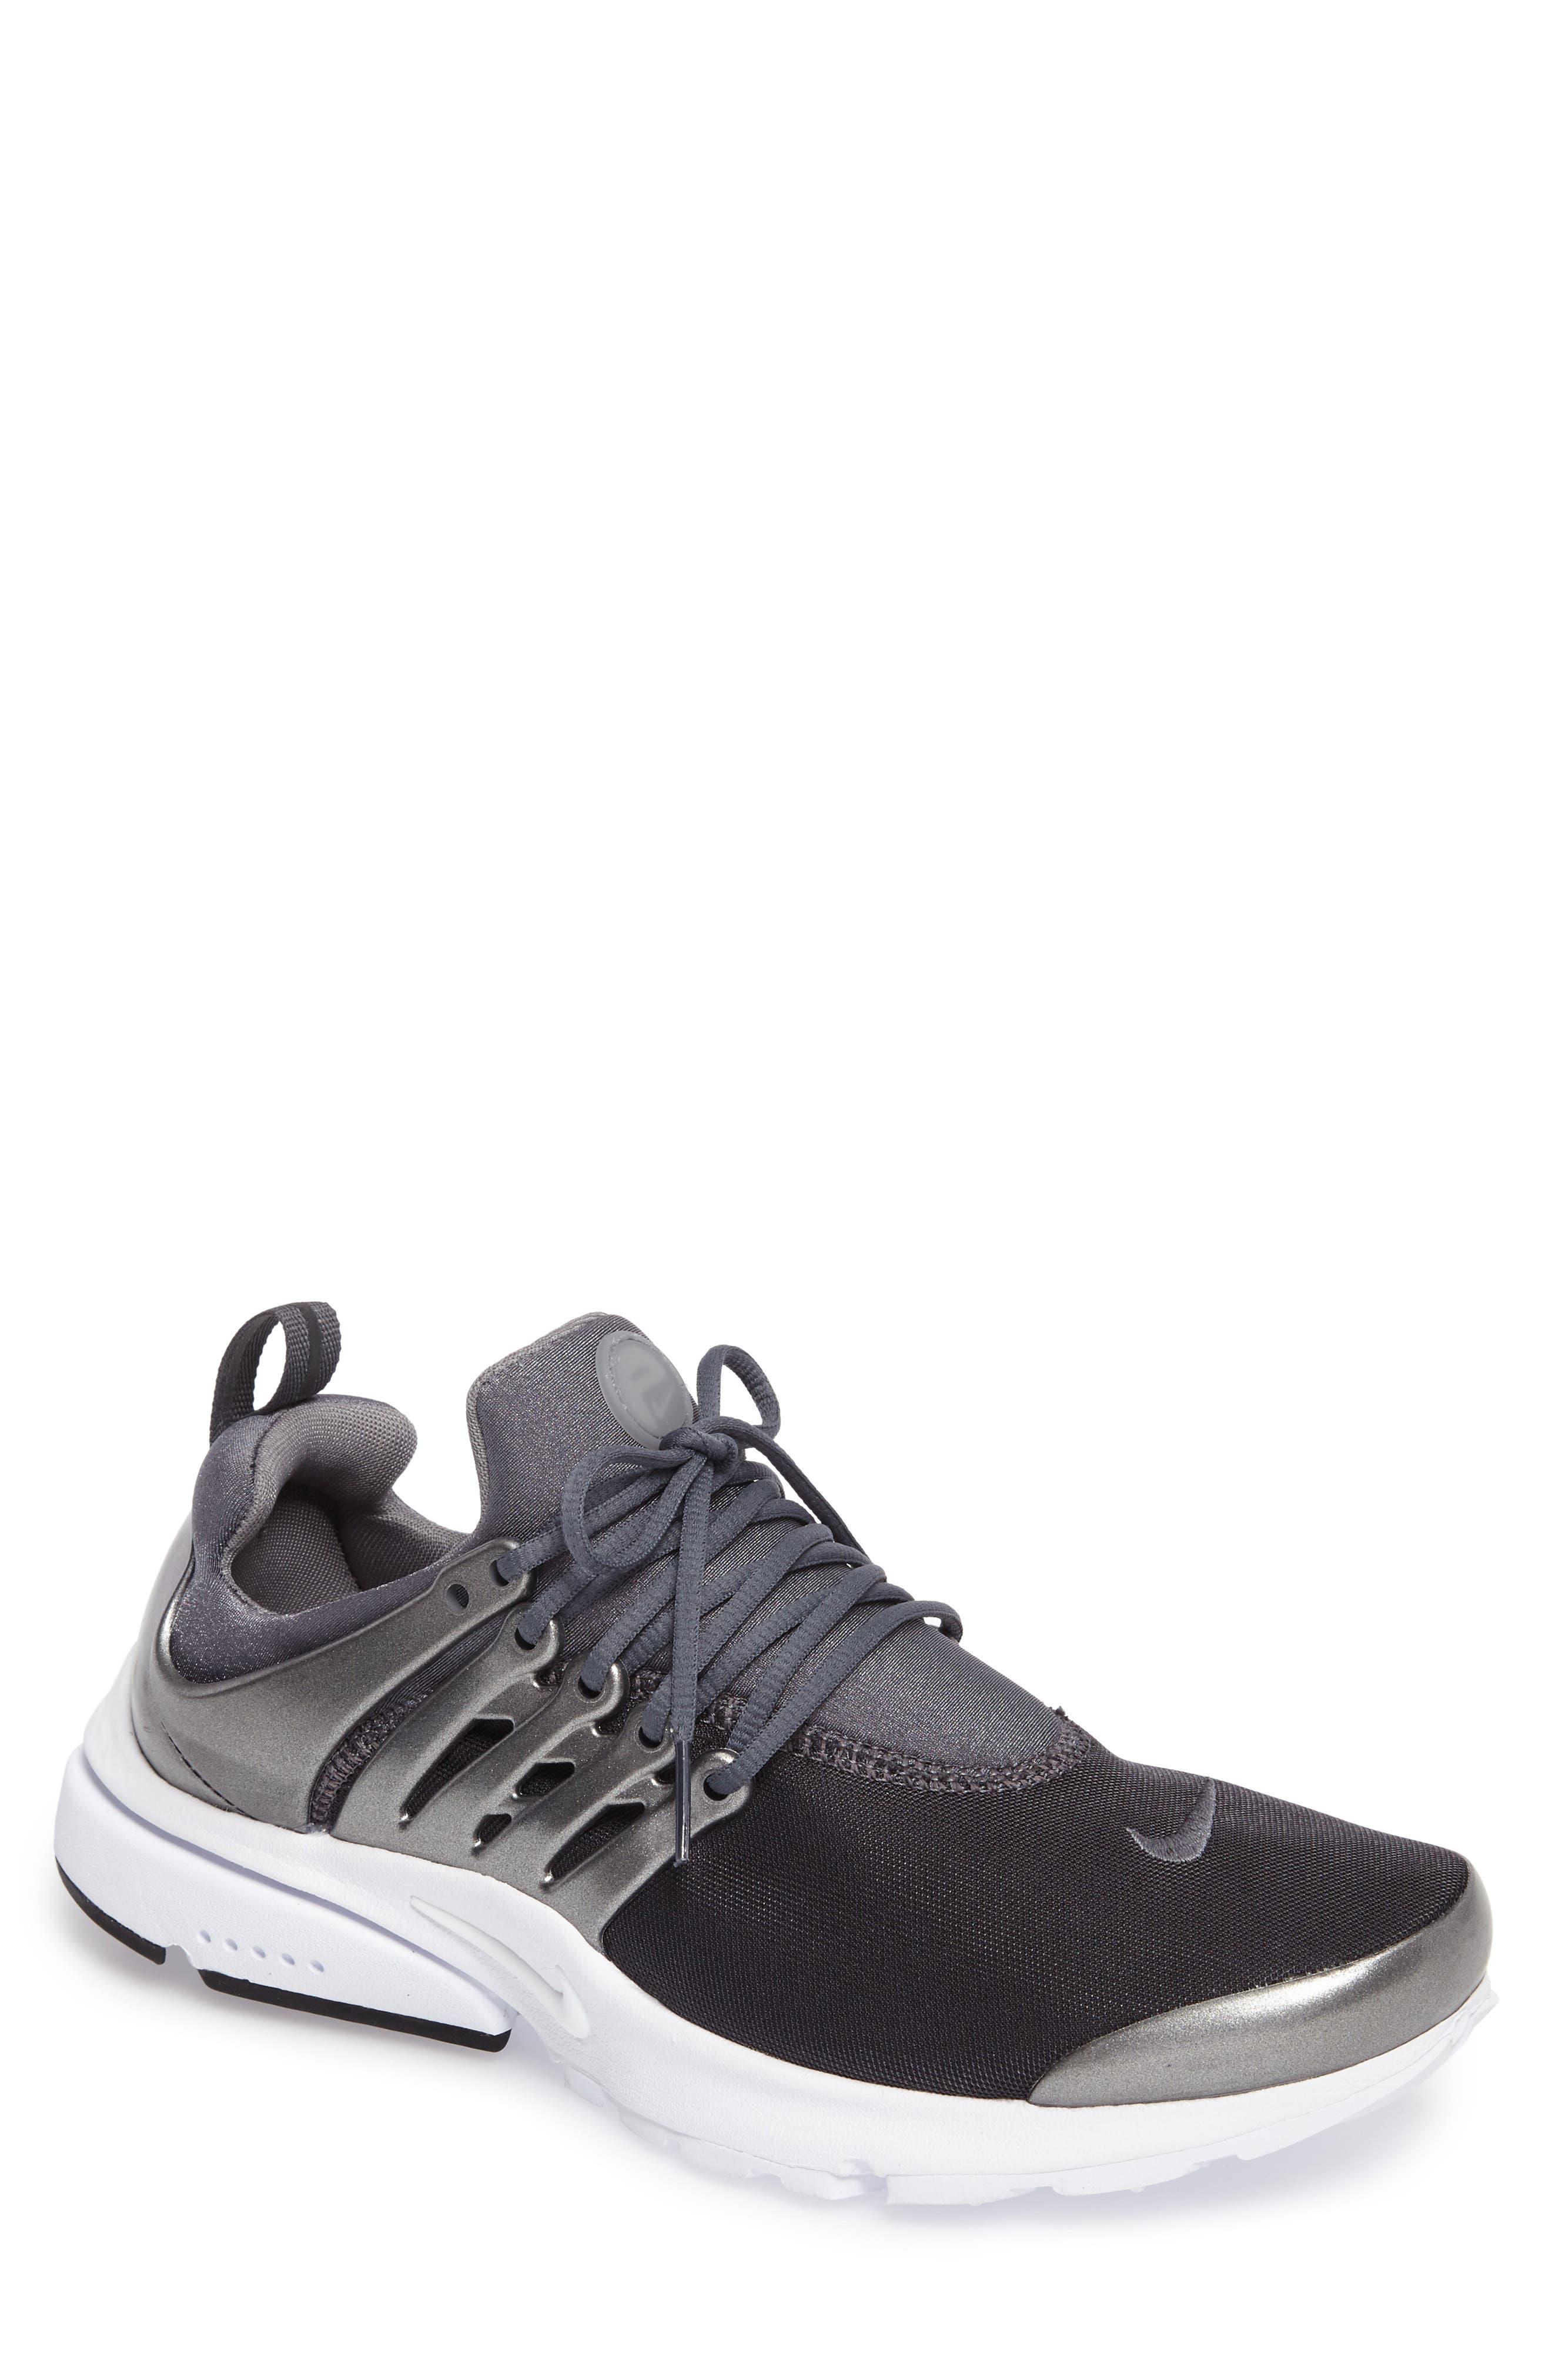 Alternate Image 1 Selected - Nike Air Presto Premium Sneaker (Men)